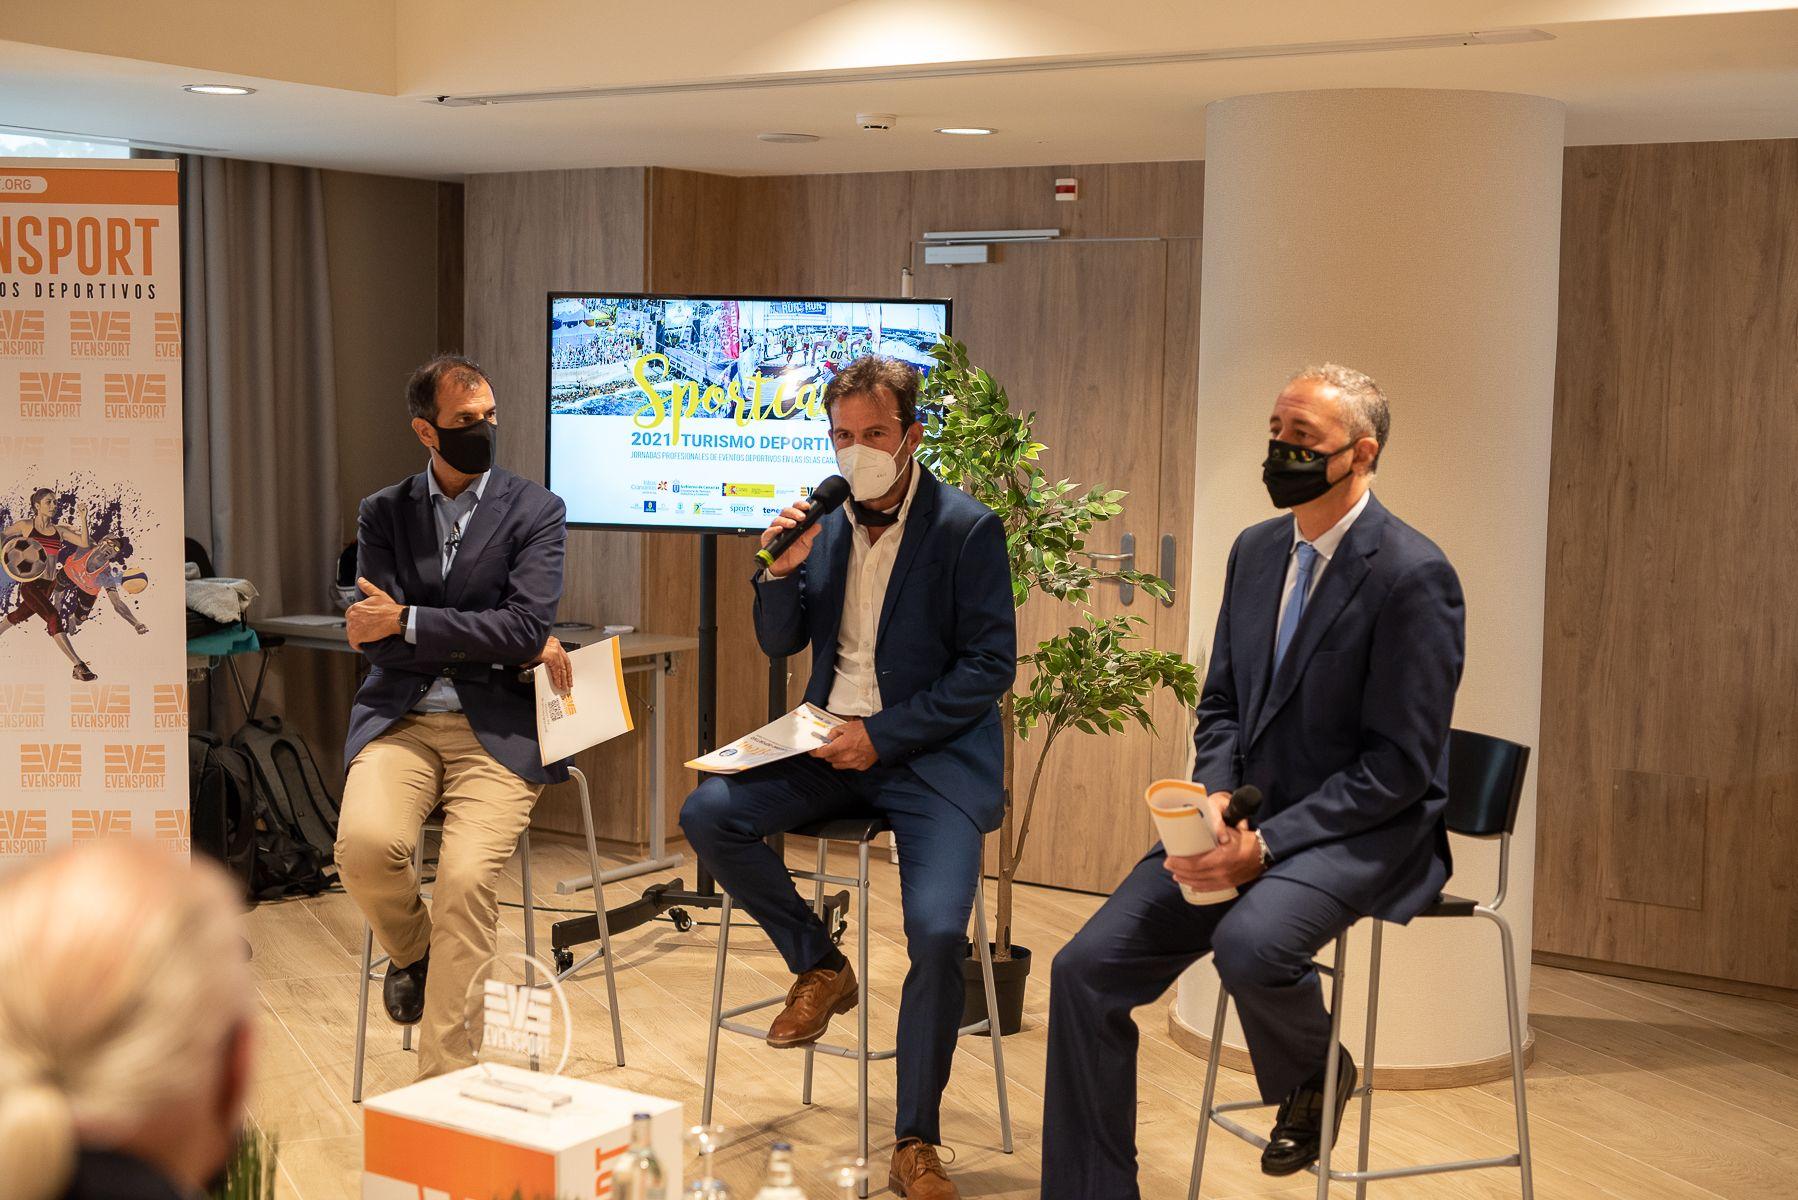 Sportcan reflexiona sobre Turismo Deportivo en unas participativas jornadas profesionales